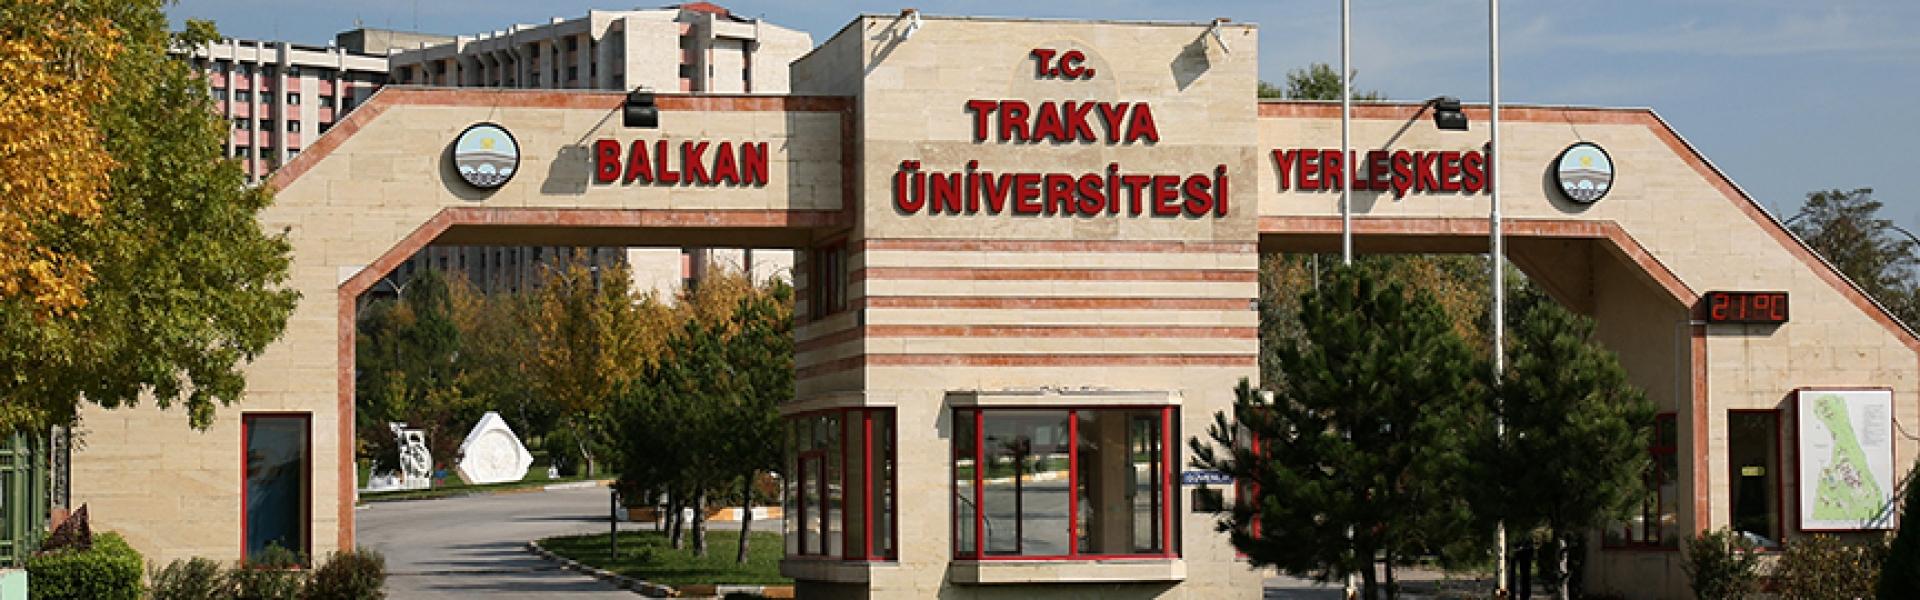 Trakya Üniversitesinin Teknopark Modeli Kuzey Makedonya'da Hayata Geçirilecek